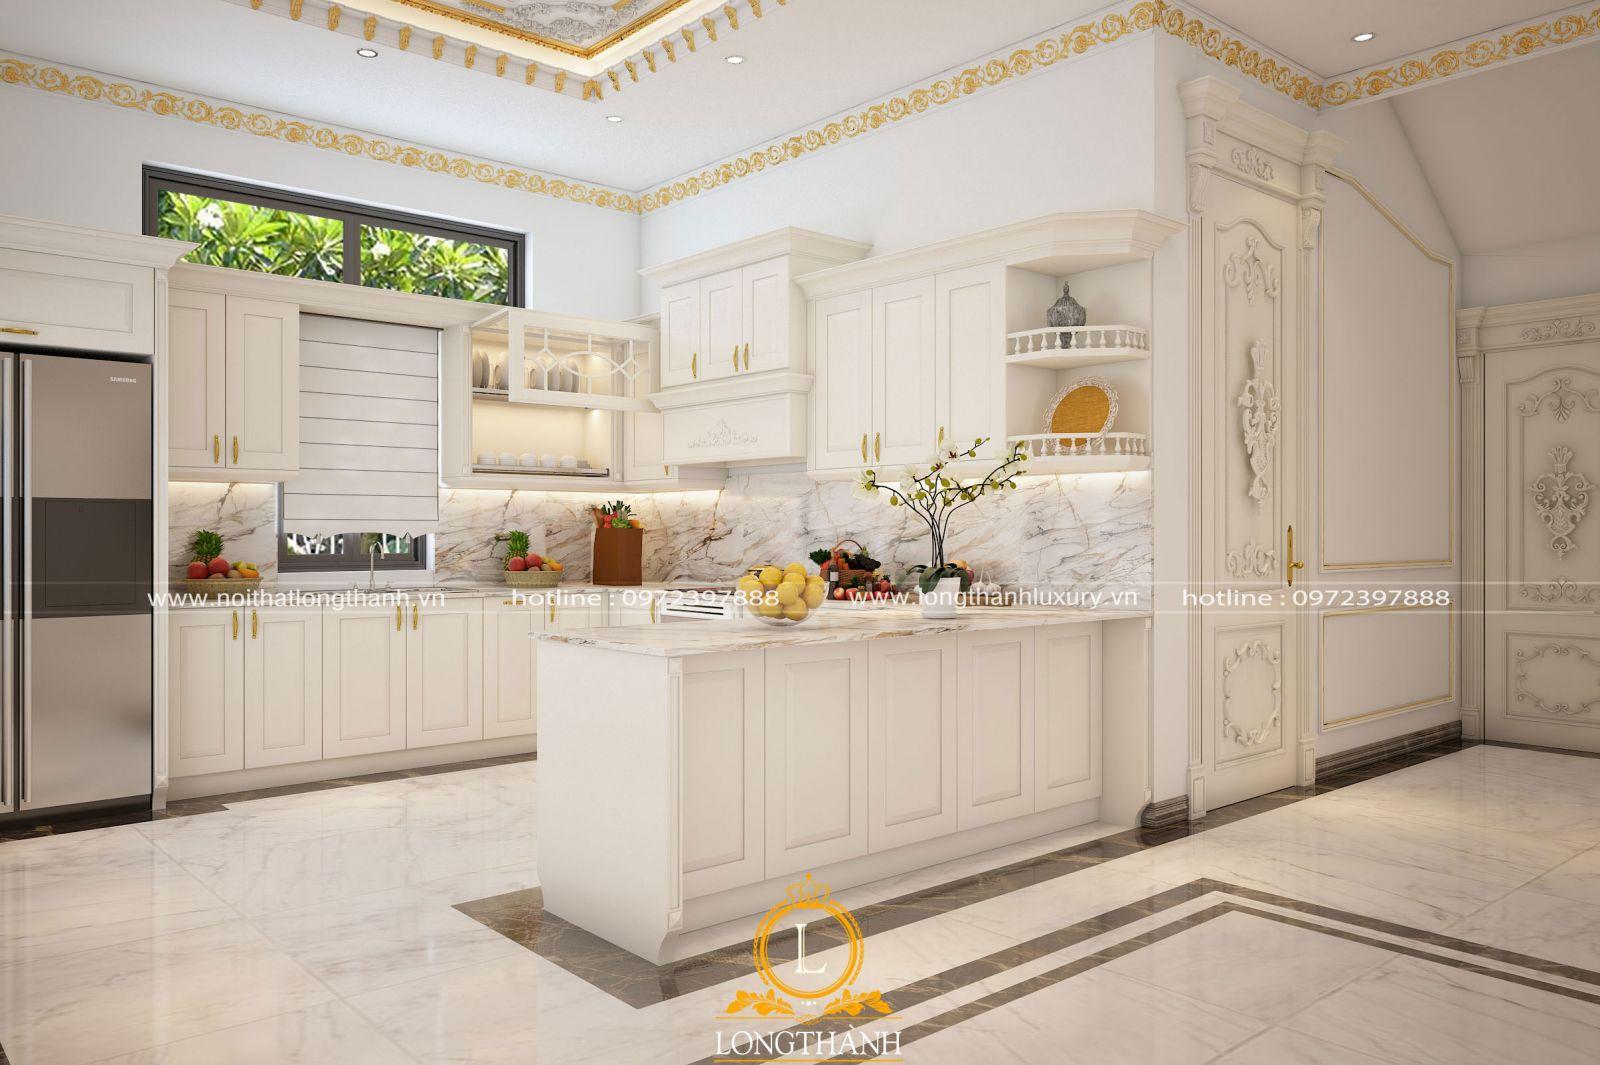 Tủ bếp thiết kế phù hợp không gian sống hiện đại